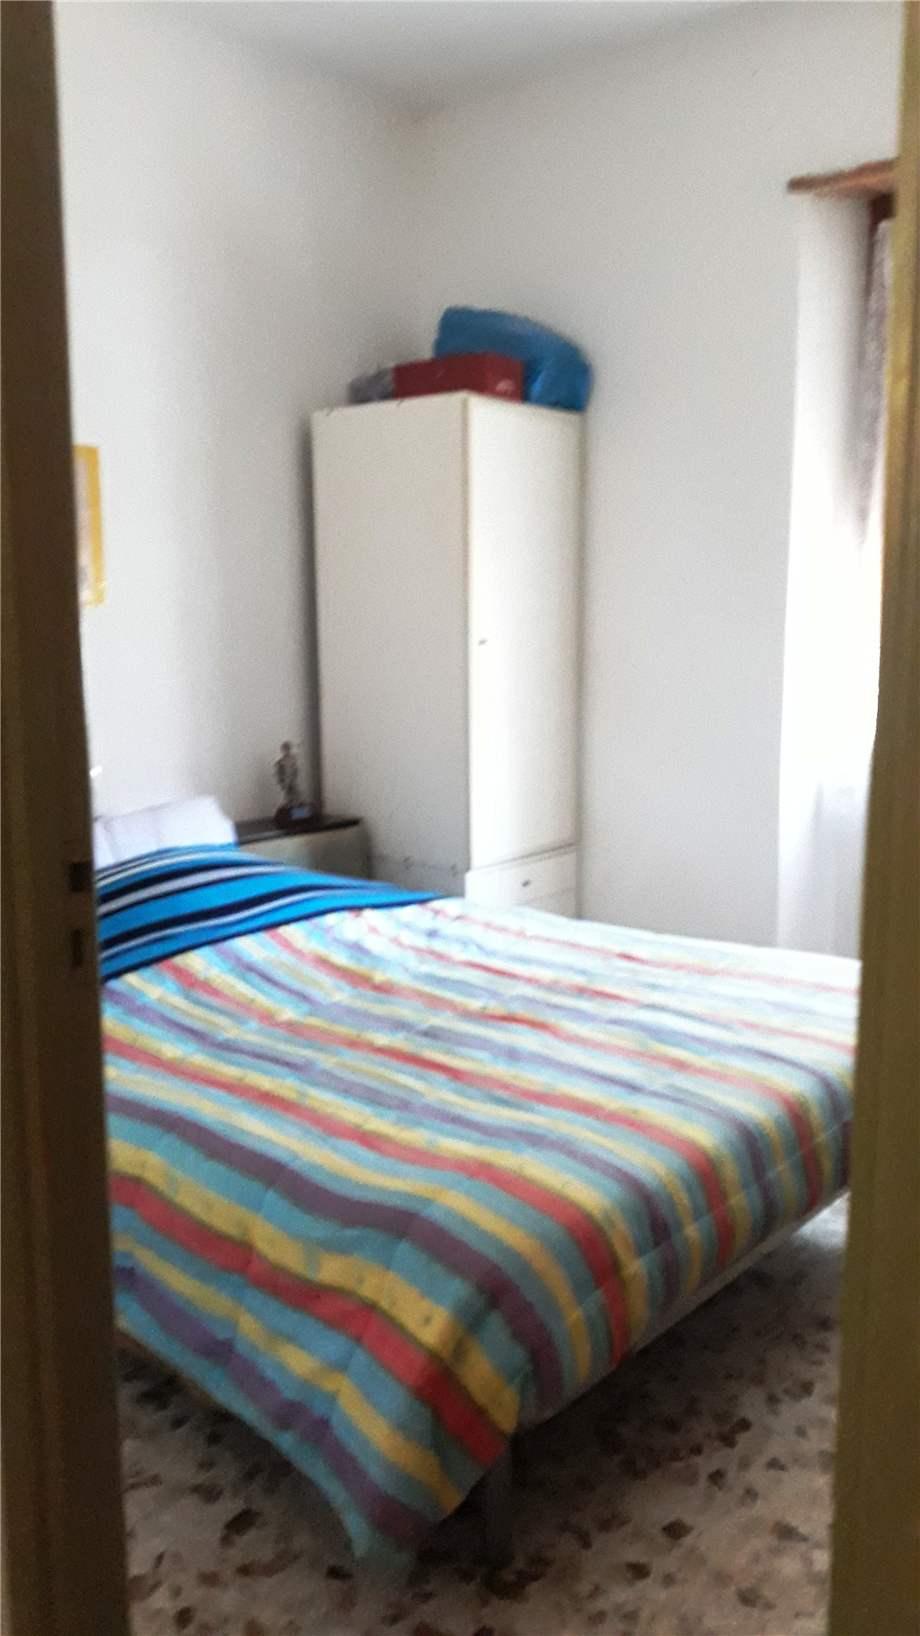 Venta Villa/Casa independiente Bonarcado centro bonarcado #MAR49 n.9